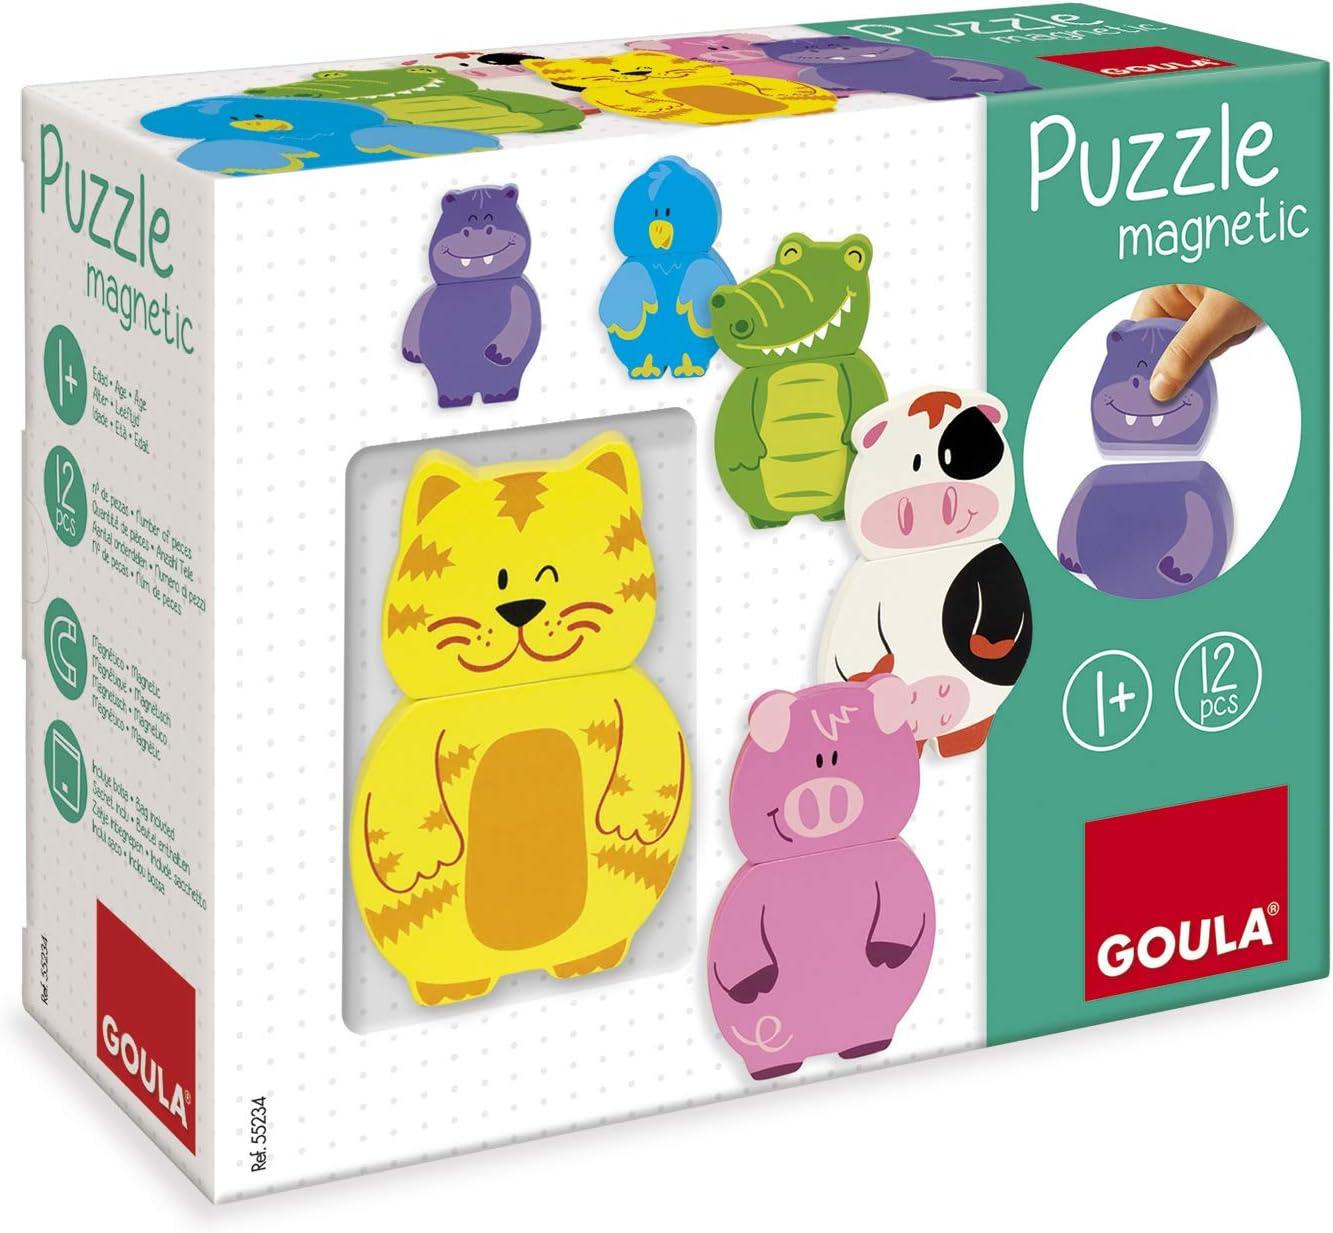 Goula - Puzzle magnético intercambiable - Puzzle de madera a partir de 1 año: Amazon.es: Juguetes y juegos